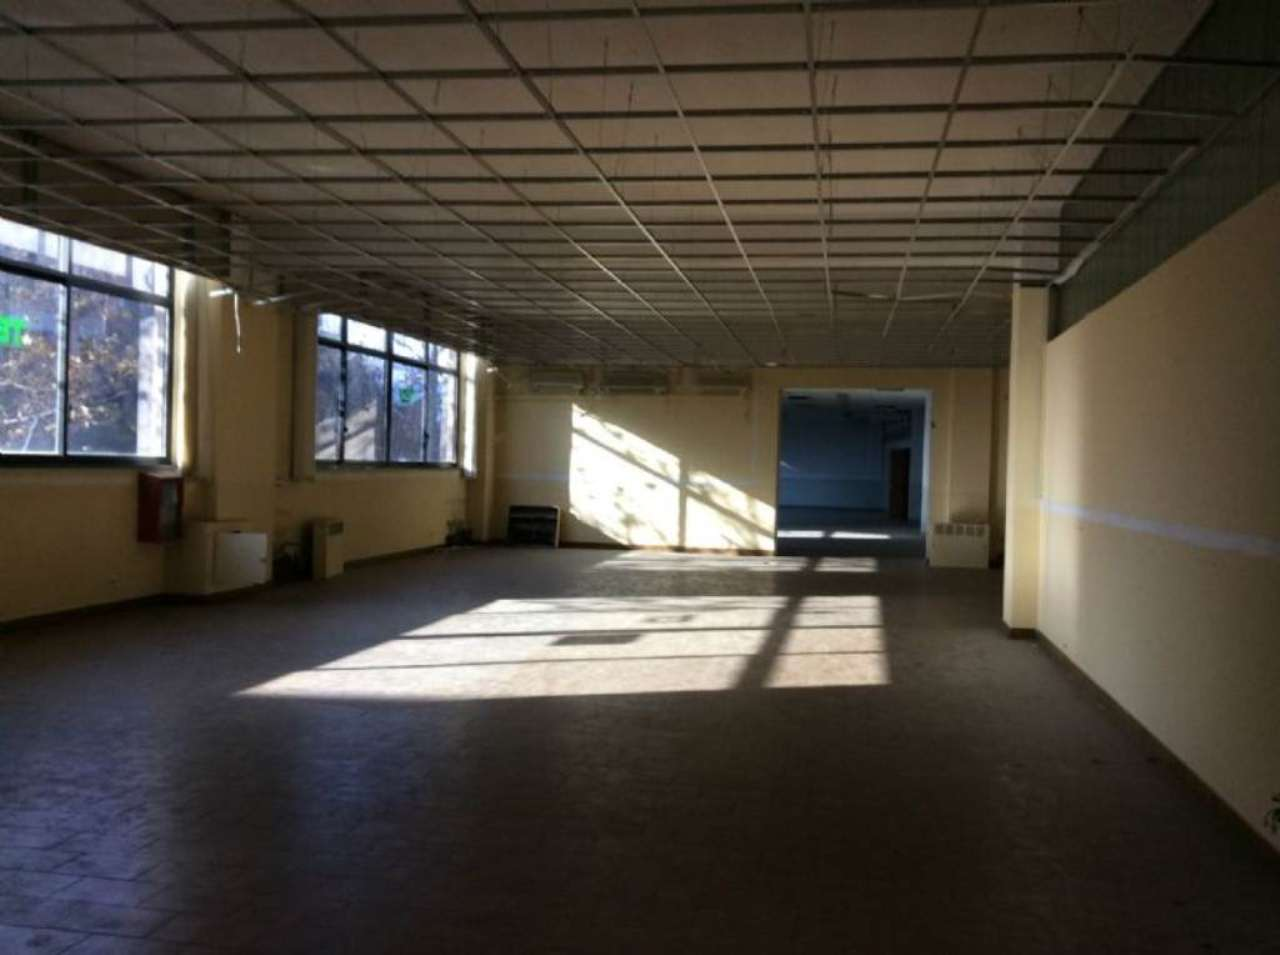 Laboratorio in affitto a Torino, 1 locali, zona Zona: 15 . Pozzo Strada, Parella, prezzo € 2.500 | Cambio Casa.it